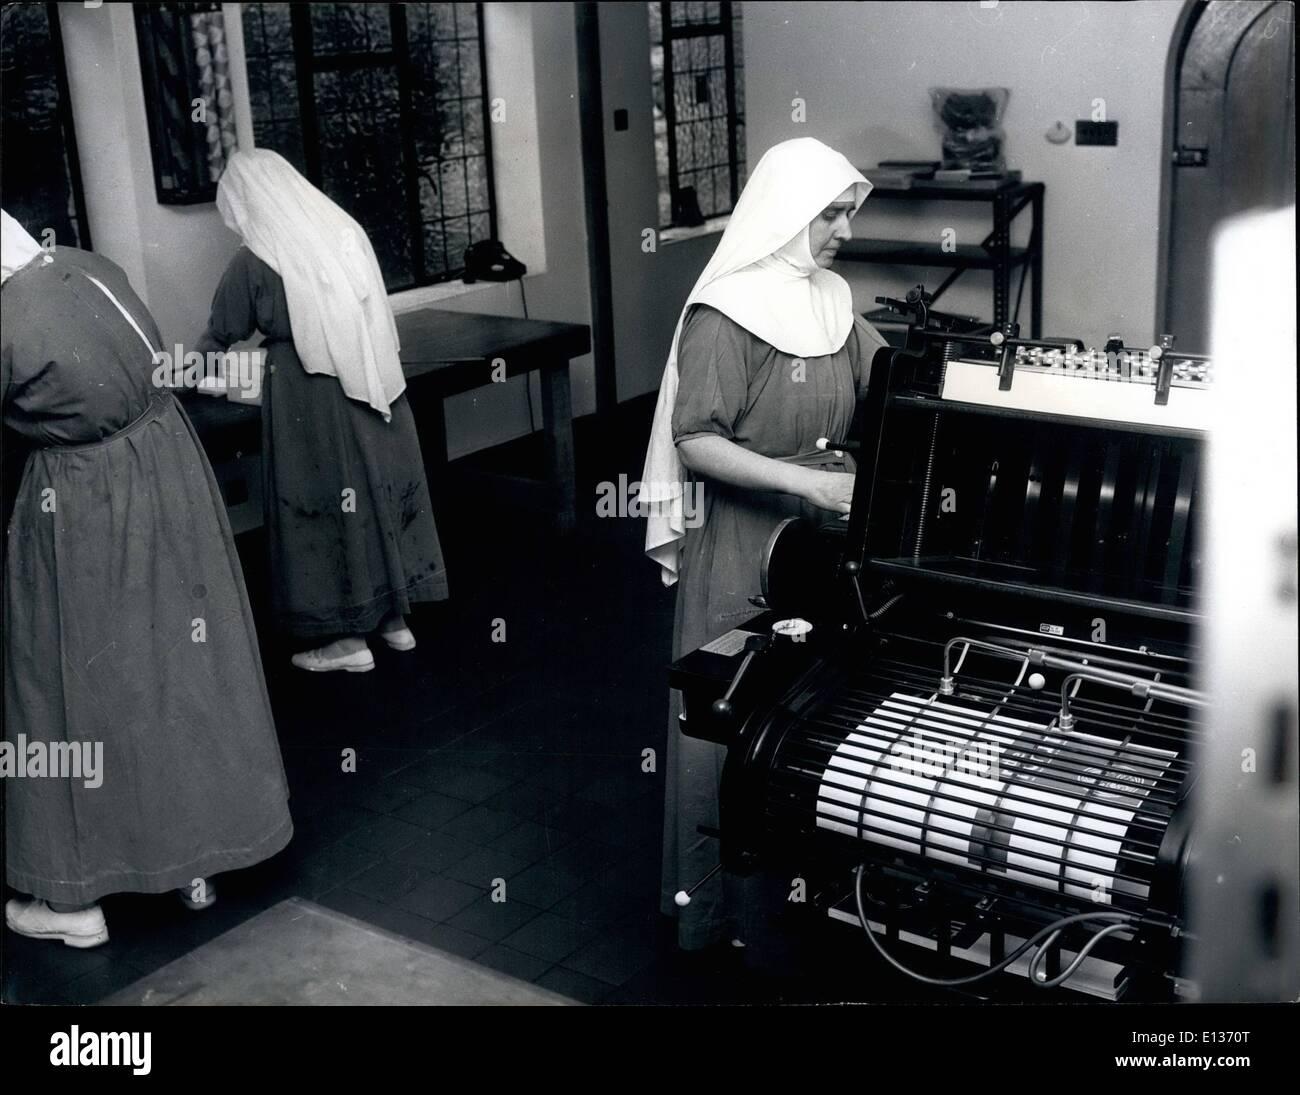 28. Februar 2012 - mechanisch aufgeschlossen Nonnen: Nonnen sind in der Regel glückliche Menschen, ihr Leben fließt sanft und friedlich und die Nonnen des Klosters Ladywell, Godalming, Surrey sind keine Ausnahme. Vielleicht diese Franziskaner Nonnen das herkömmliche Bild der Nonne nicht entspricht, soweit sie mechanisch aufgeschlossen sind bis zu einem Grad, der auch den Neid vieler möglicherweise ein Laie. Die Nonnen im Kloster Ladywell glaube nicht träumen ihr Leben entfernt, sie gerne aktiv sein. Sie sind in der Tat große Baumeister: sie bauten ihre eigenen Druckereien, ihren eigenen Bauernhof mit Milch-, Scheunen und Stallungen Stockbild